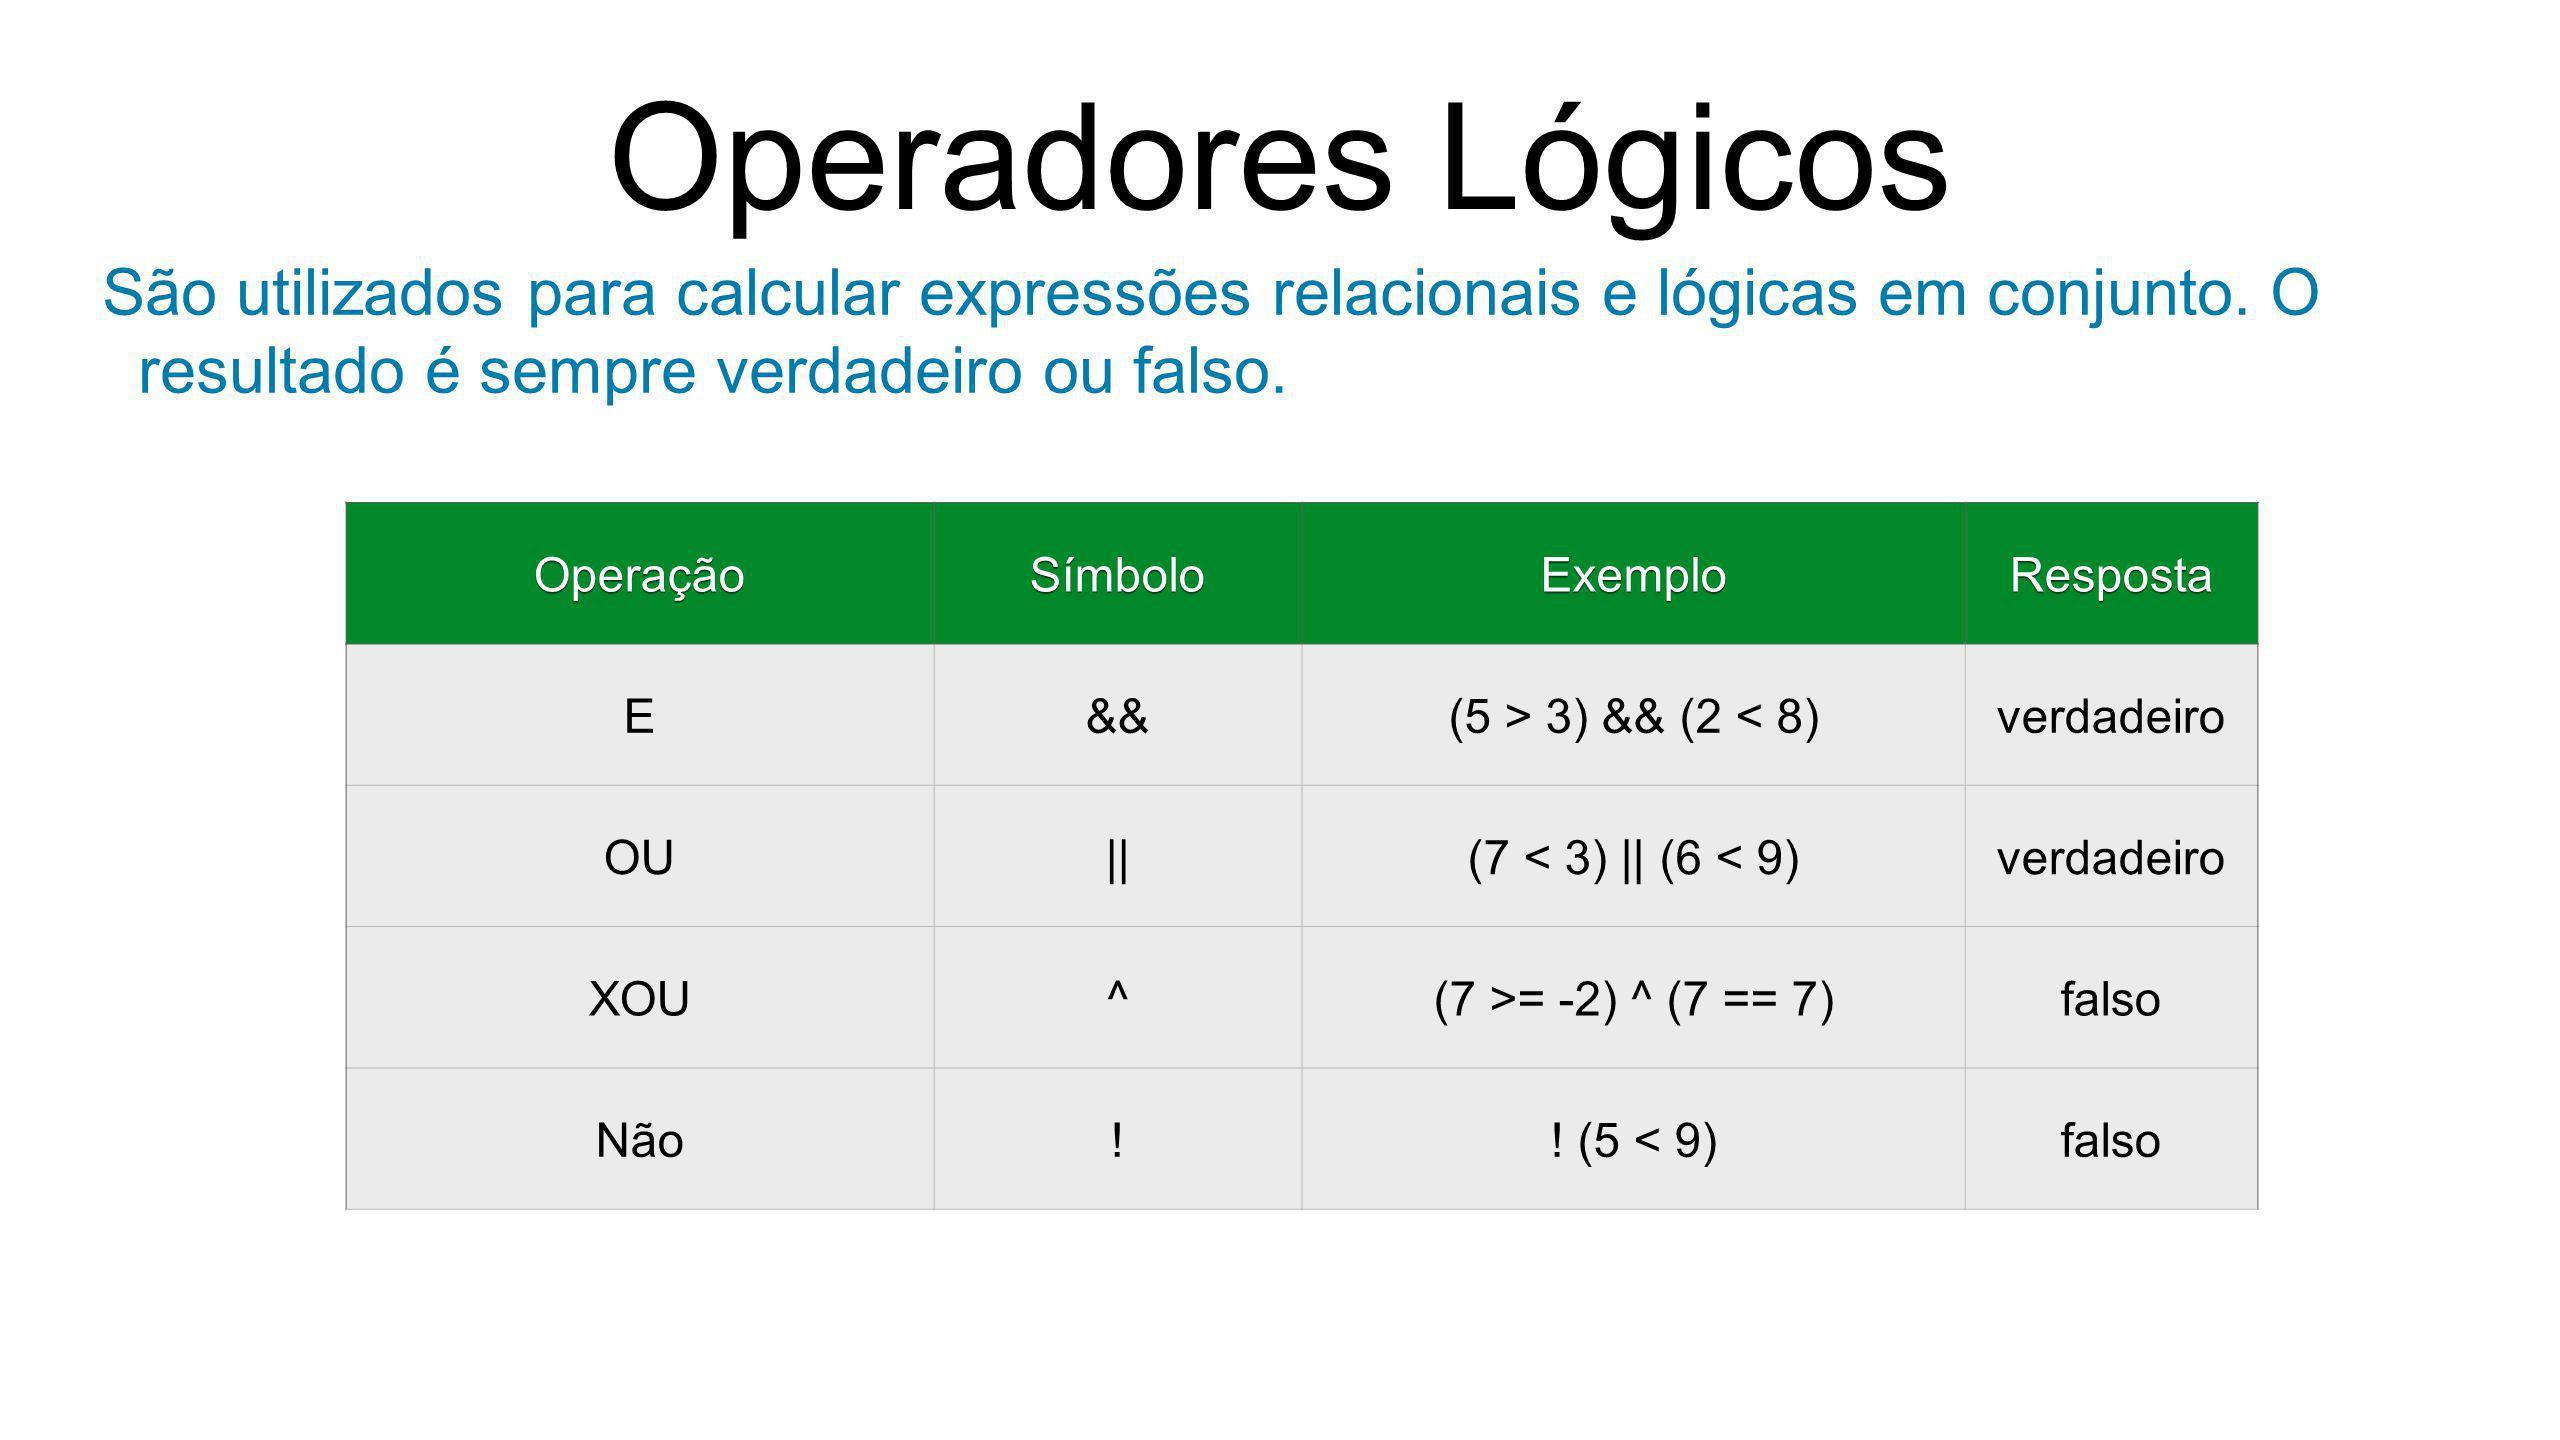 Operadores Lógicos São utilizados para calcular expressões relacionais e lógicas em conjunto. O resultado é sempre verdadeiro ou falso.